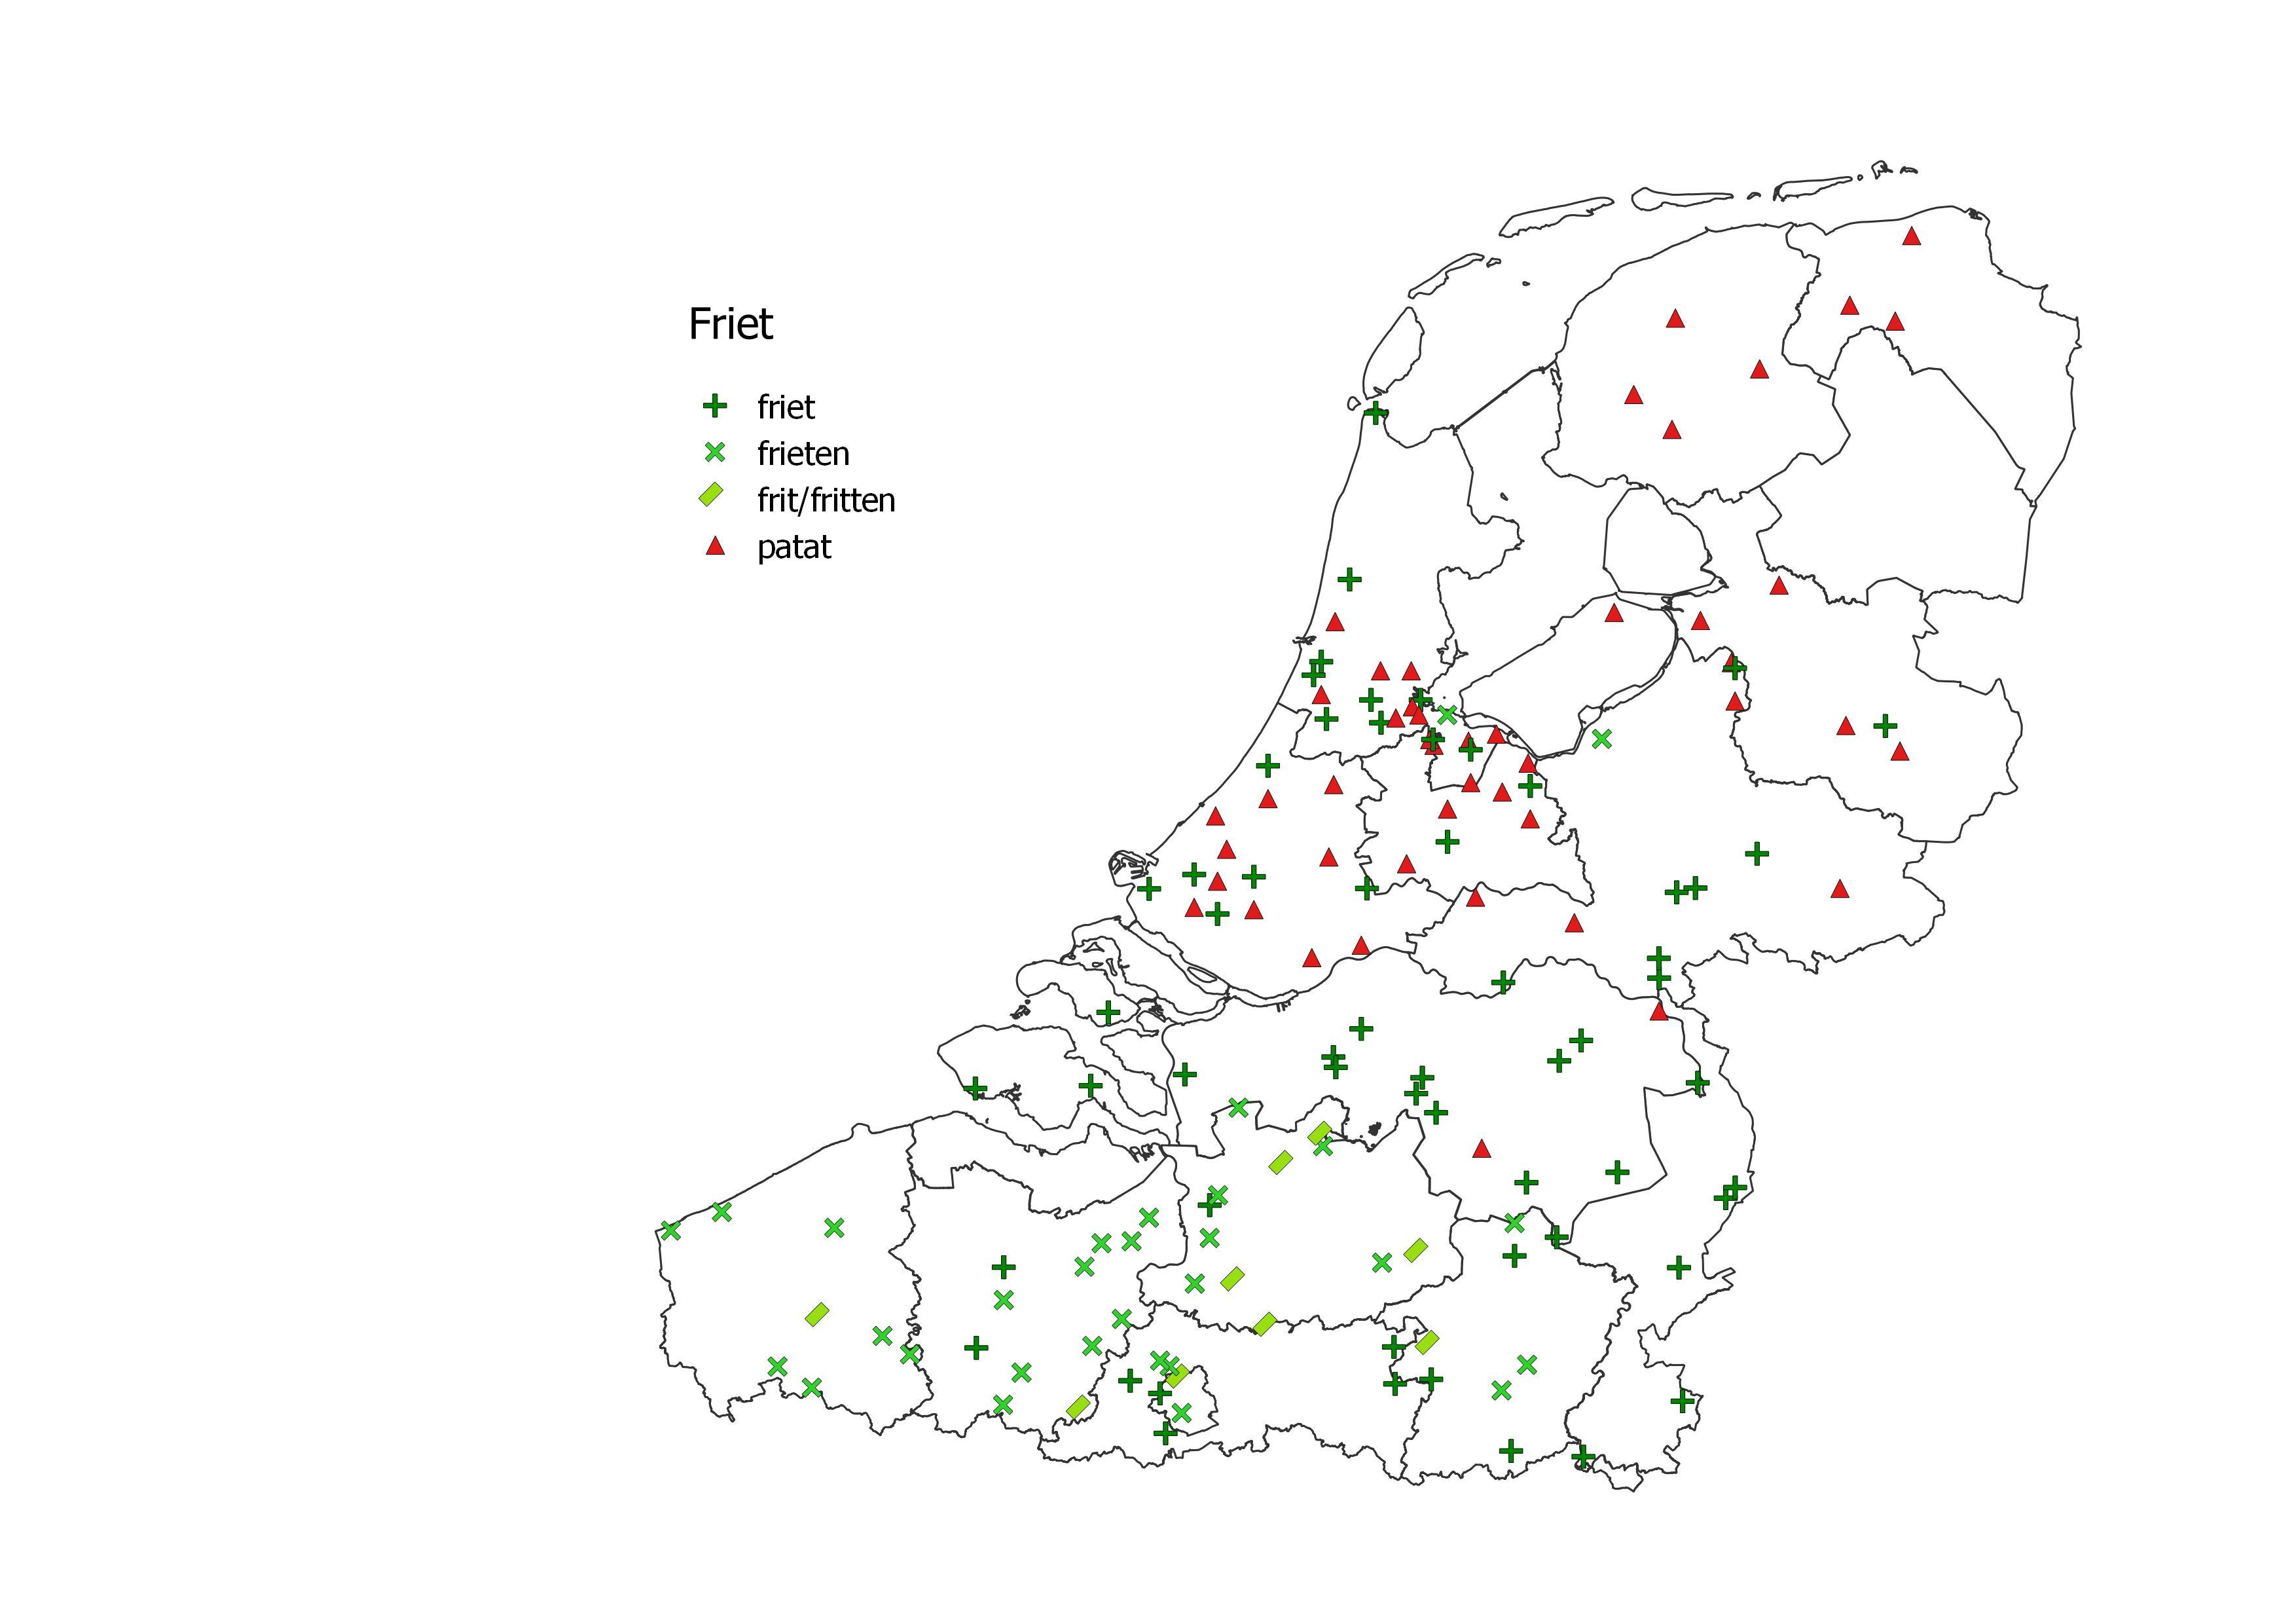 kaart friet patat frieten in België en Nederland